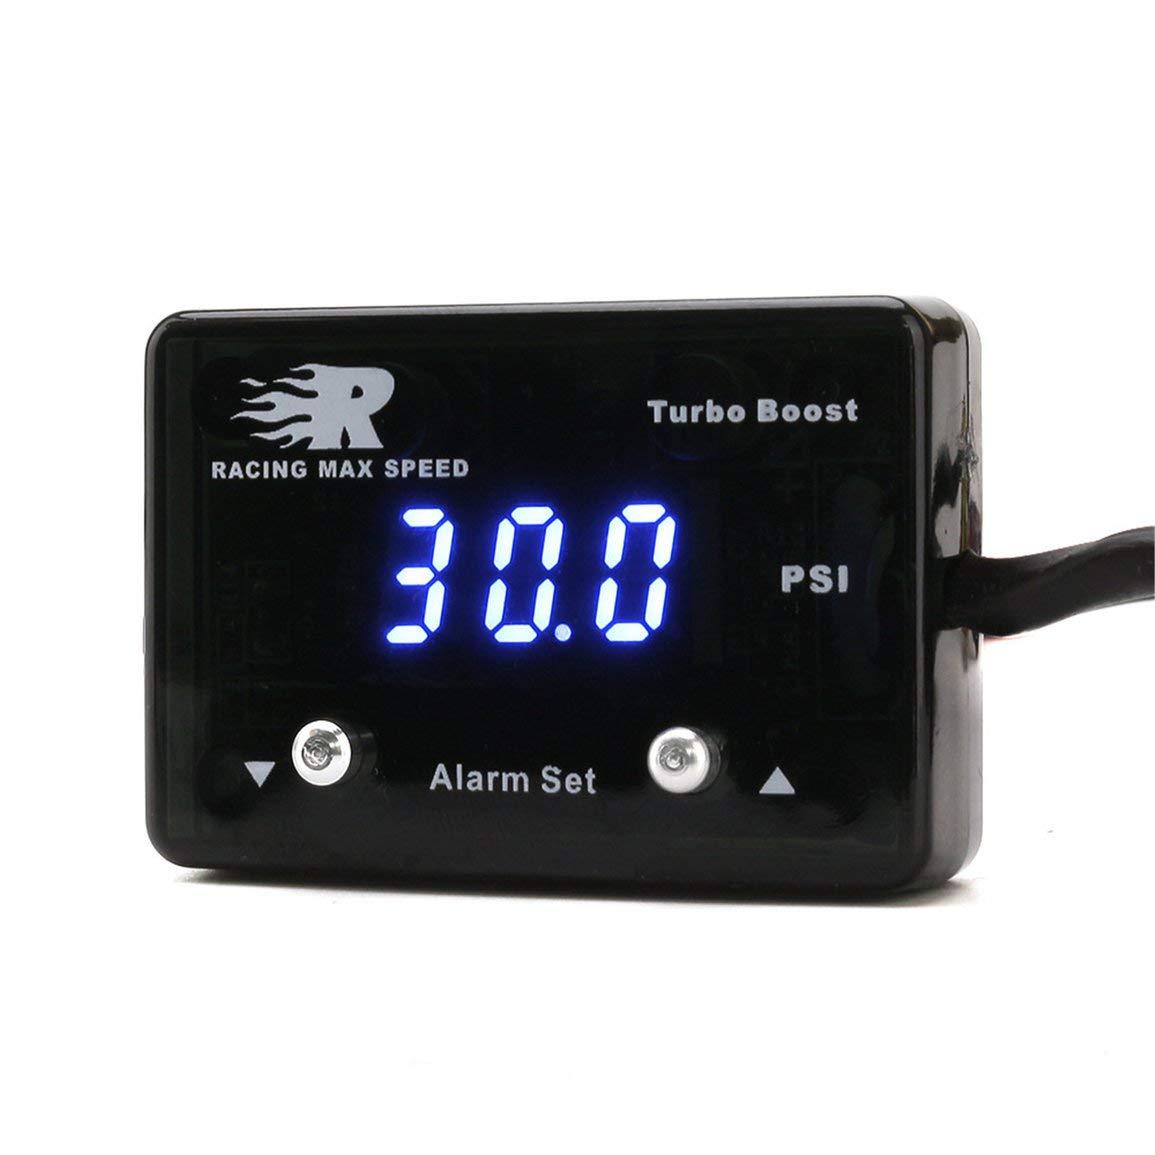 14~40 PSI Aufgeladenes Instrument Aufgeladenes Thermometer Garciadia CNSPEED Blaulicht-Digital-Ladedruckanzeige Auto Booster-Tabelle Farbe: Blau